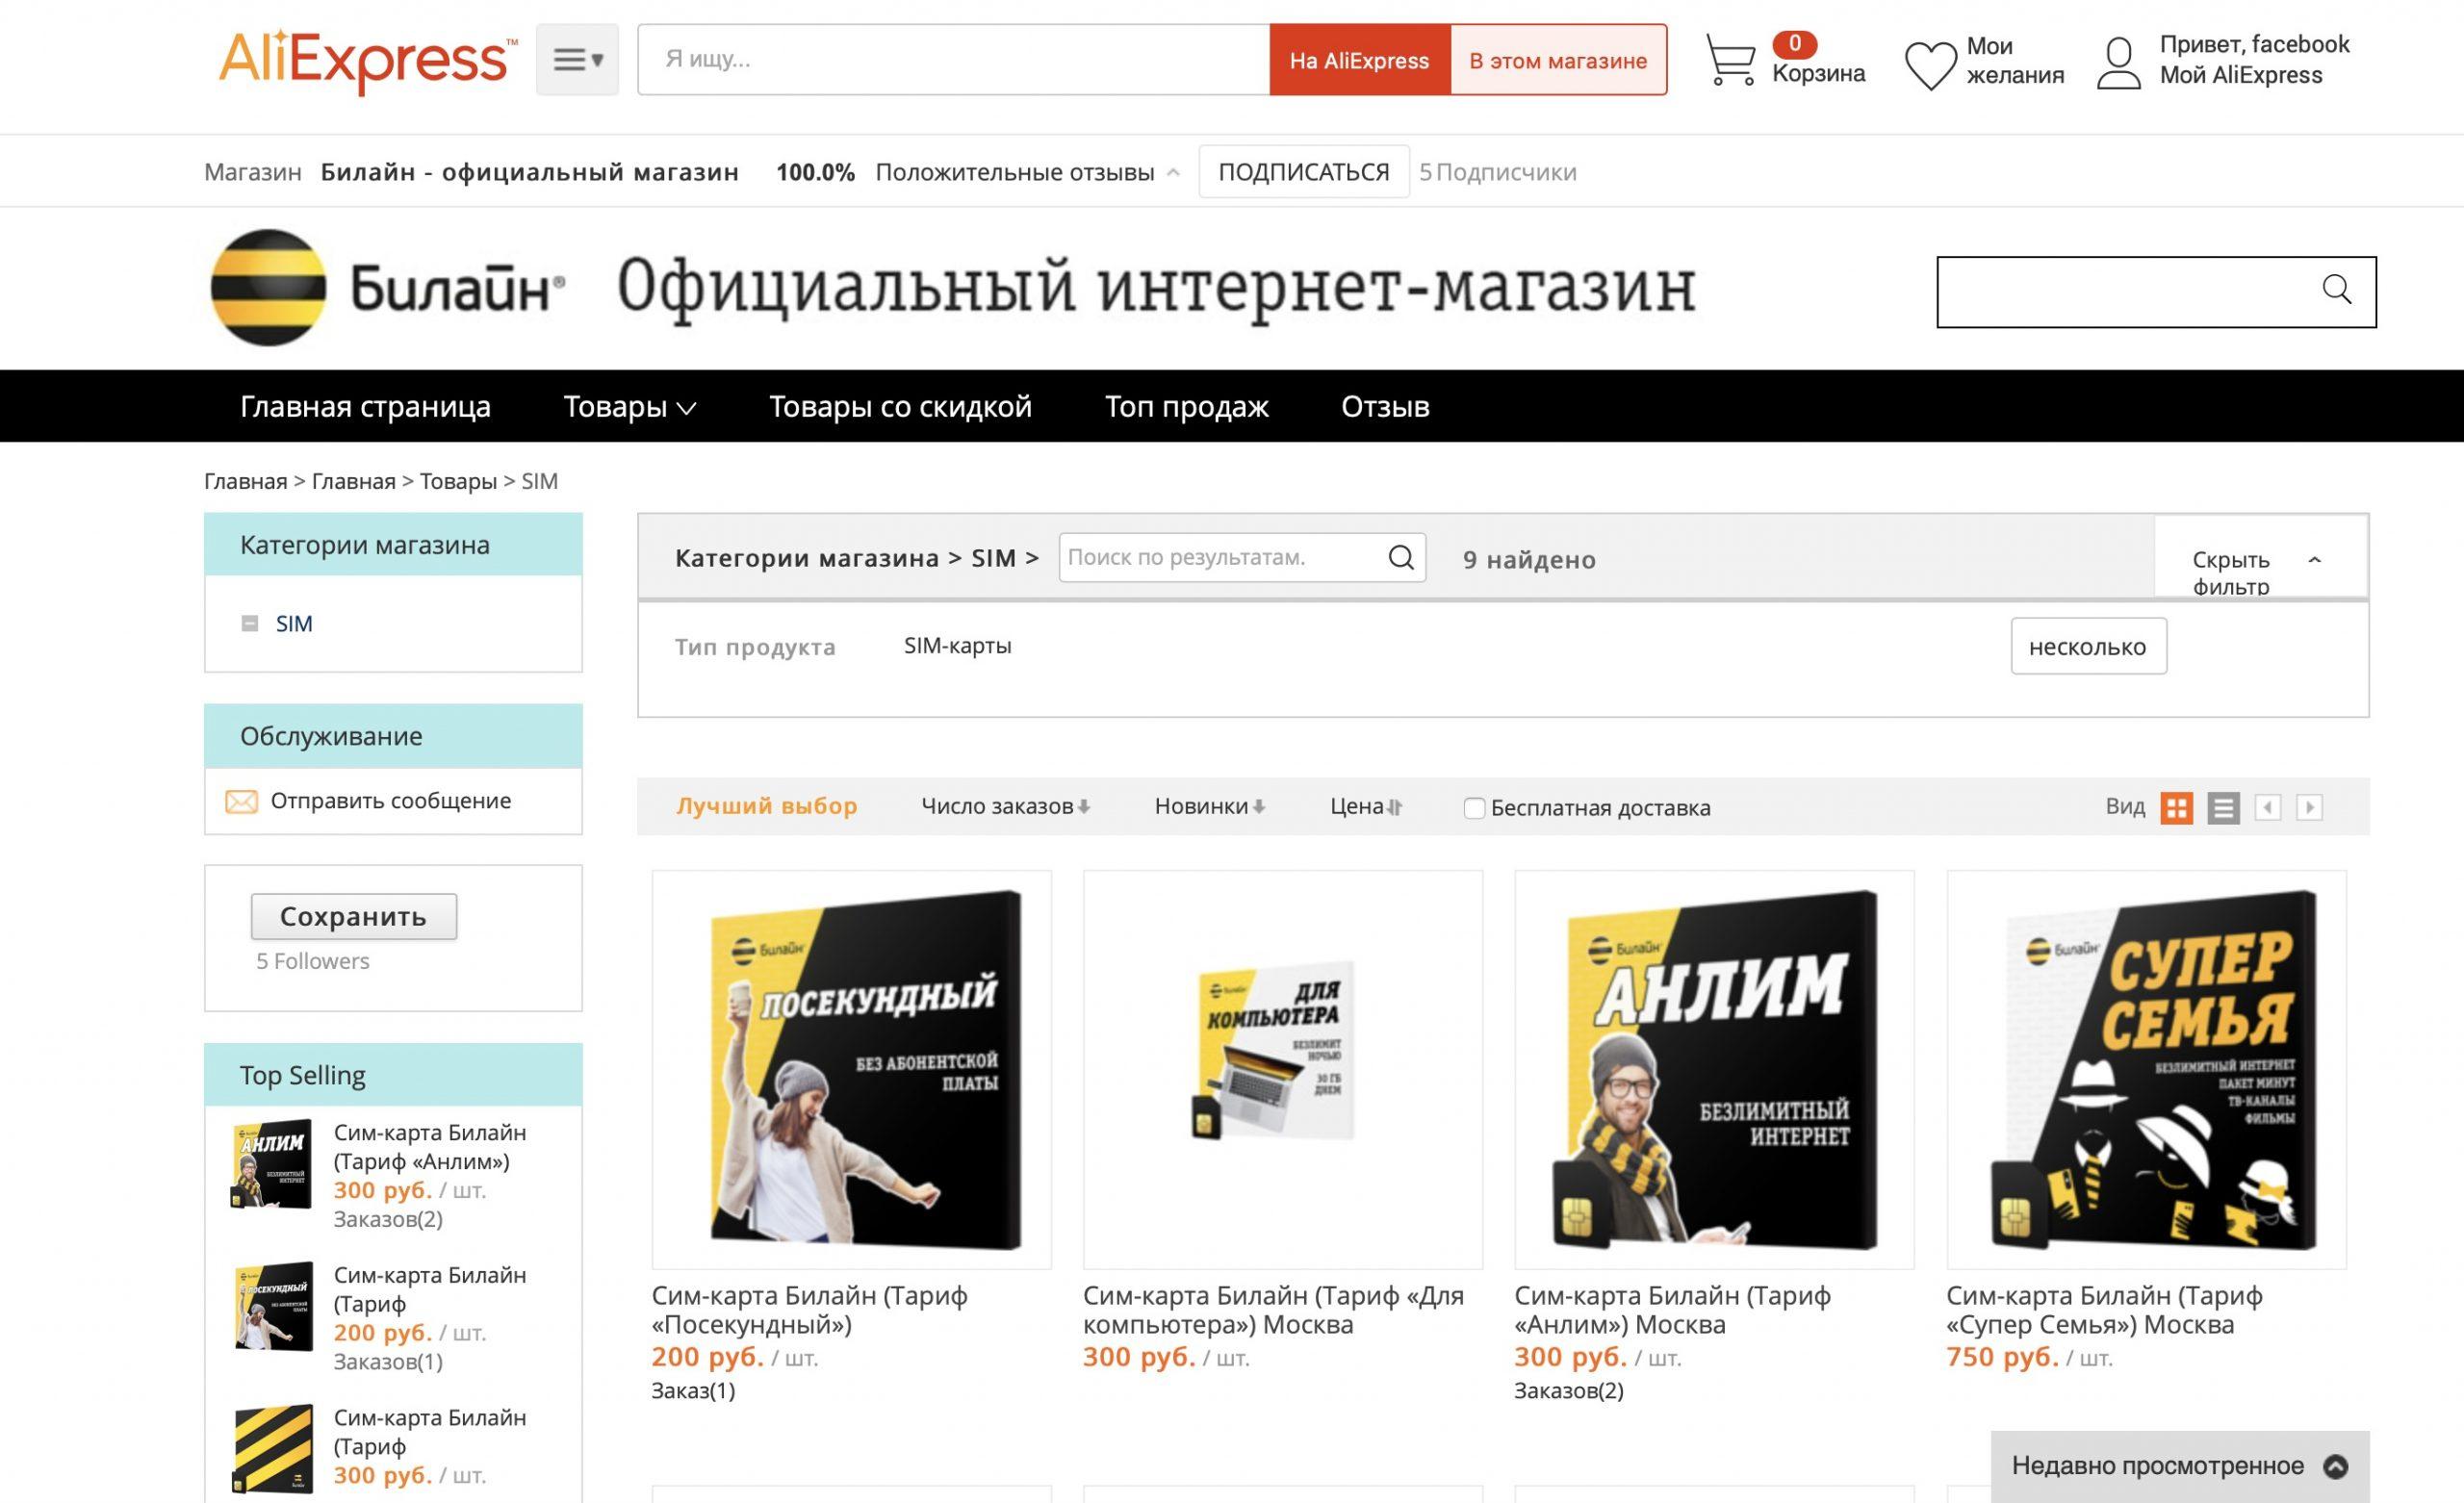 Билайн стал продавать SIM-карты на AliExpress 1